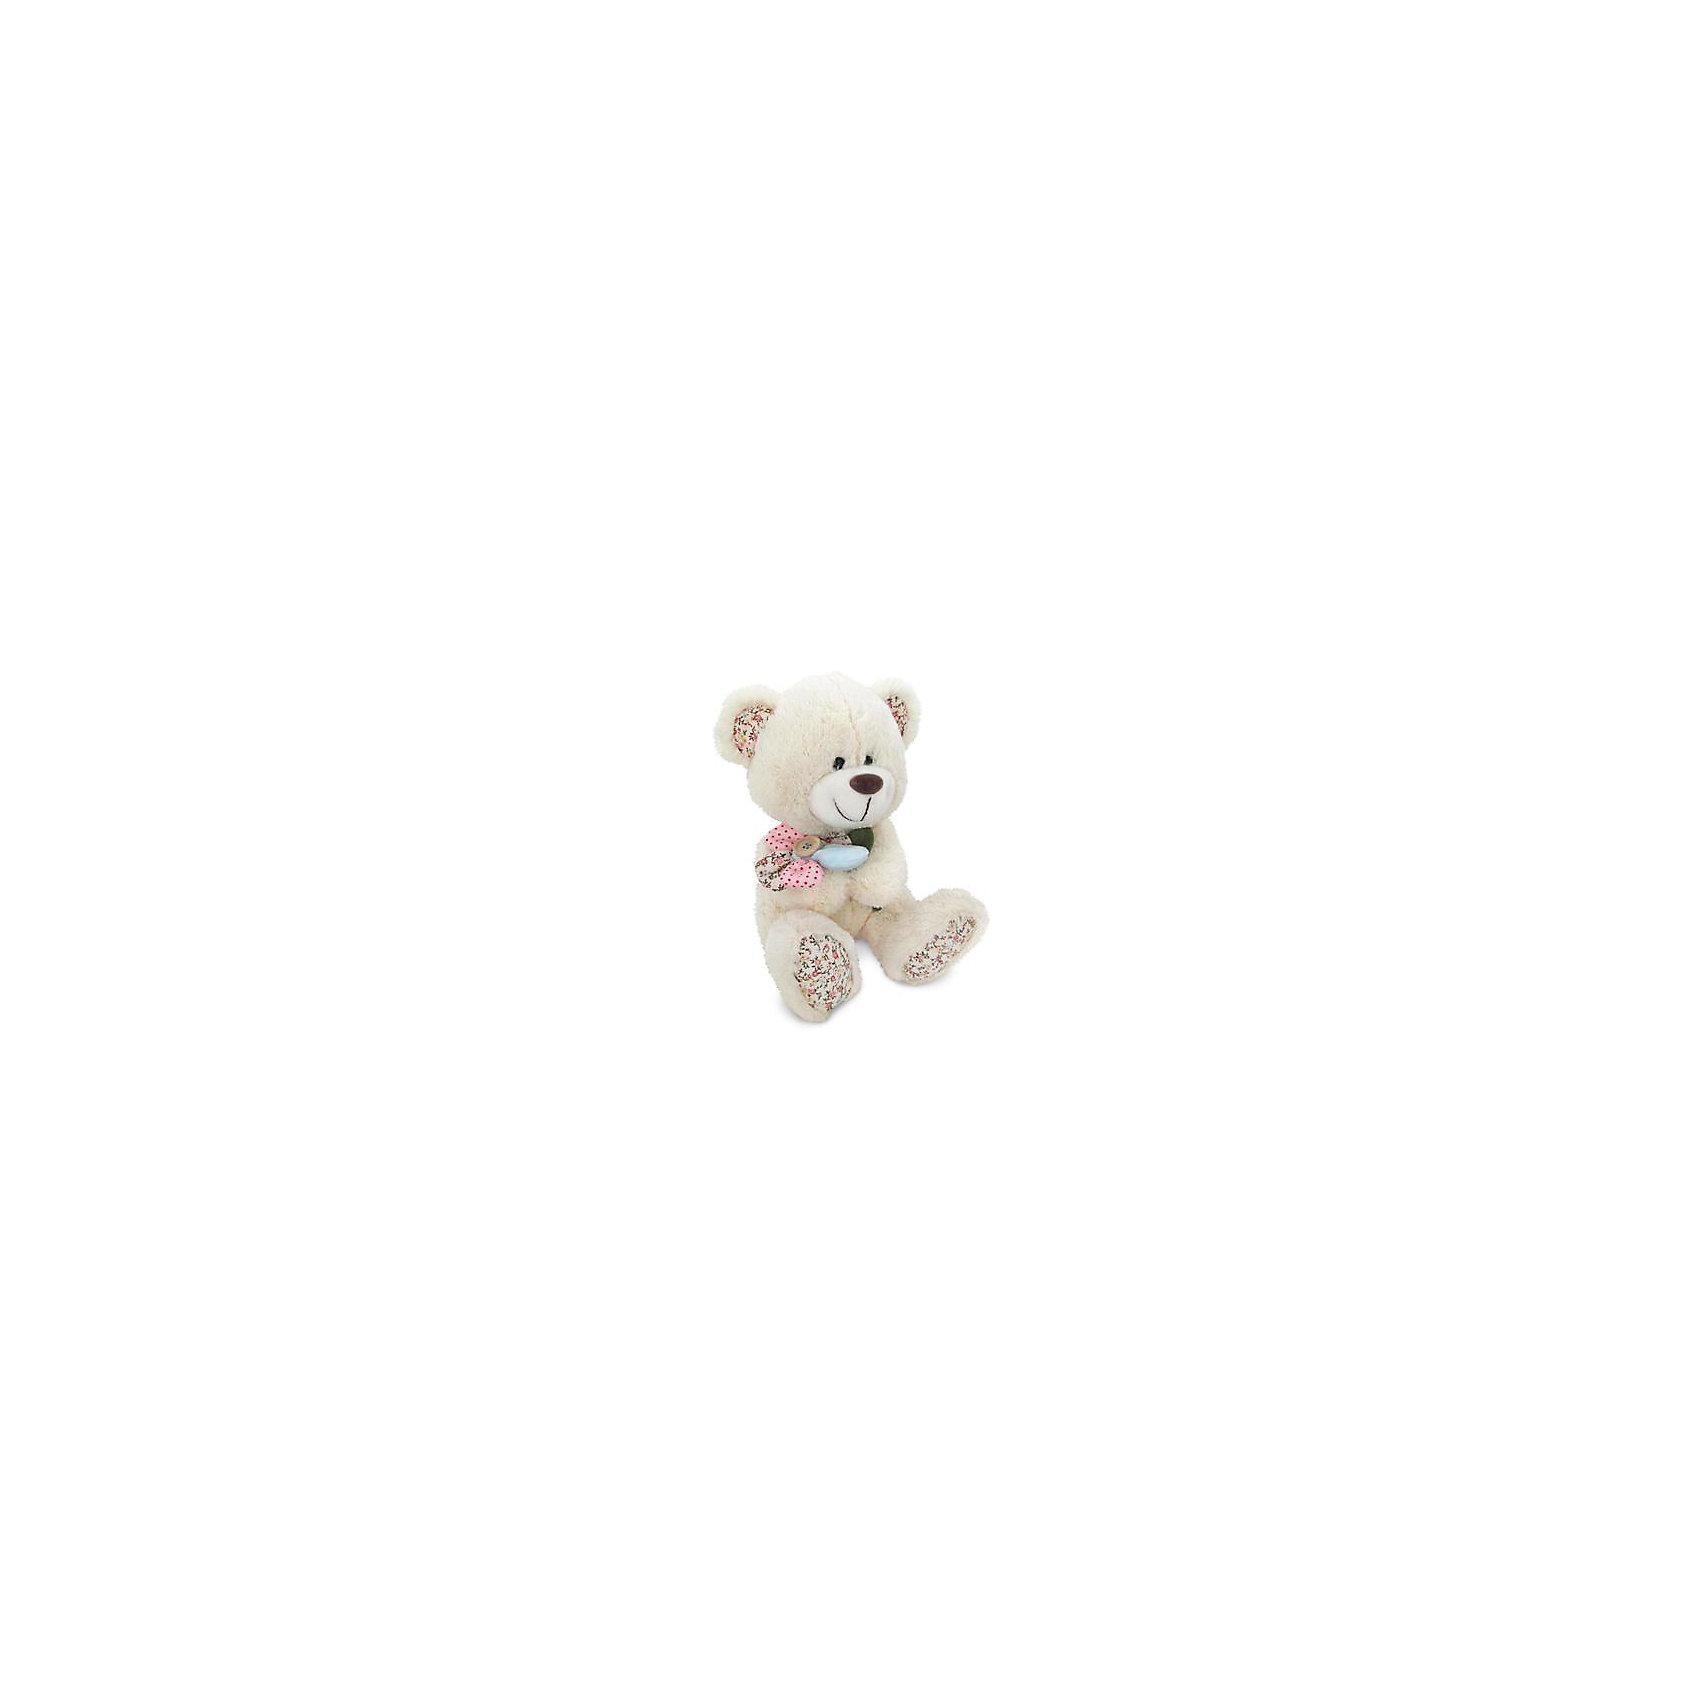 Медвежонок с декоративным цветком, музыкальный, 22 см., LAVAМедвежата<br>Этот очаровательный мишка не оставит равнодушным ни одного ребенка! Милый медведь очень мягкий и приятный на ощупь, он умеет петь песенку и обязательно поднимет настроение малышам! Мишка изготовлен из высококачественных экологичных материалов. <br><br>Дополнительная информация:<br><br>- Материал: искусственный мех, текстиль, синтепон, пластик.<br>- Высота: 22 см. <br>- Поет песенку <br>- Элемент питания: батарейка (в комплекте).<br><br>Медвежонка с декоративным цветком, музыкального, 22 см, LAVA (ЛАВА) можно купить в нашем магазине.<br><br>Ширина мм: 150<br>Глубина мм: 150<br>Высота мм: 220<br>Вес г: 245<br>Возраст от месяцев: 36<br>Возраст до месяцев: 1188<br>Пол: Унисекс<br>Возраст: Детский<br>SKU: 4444133